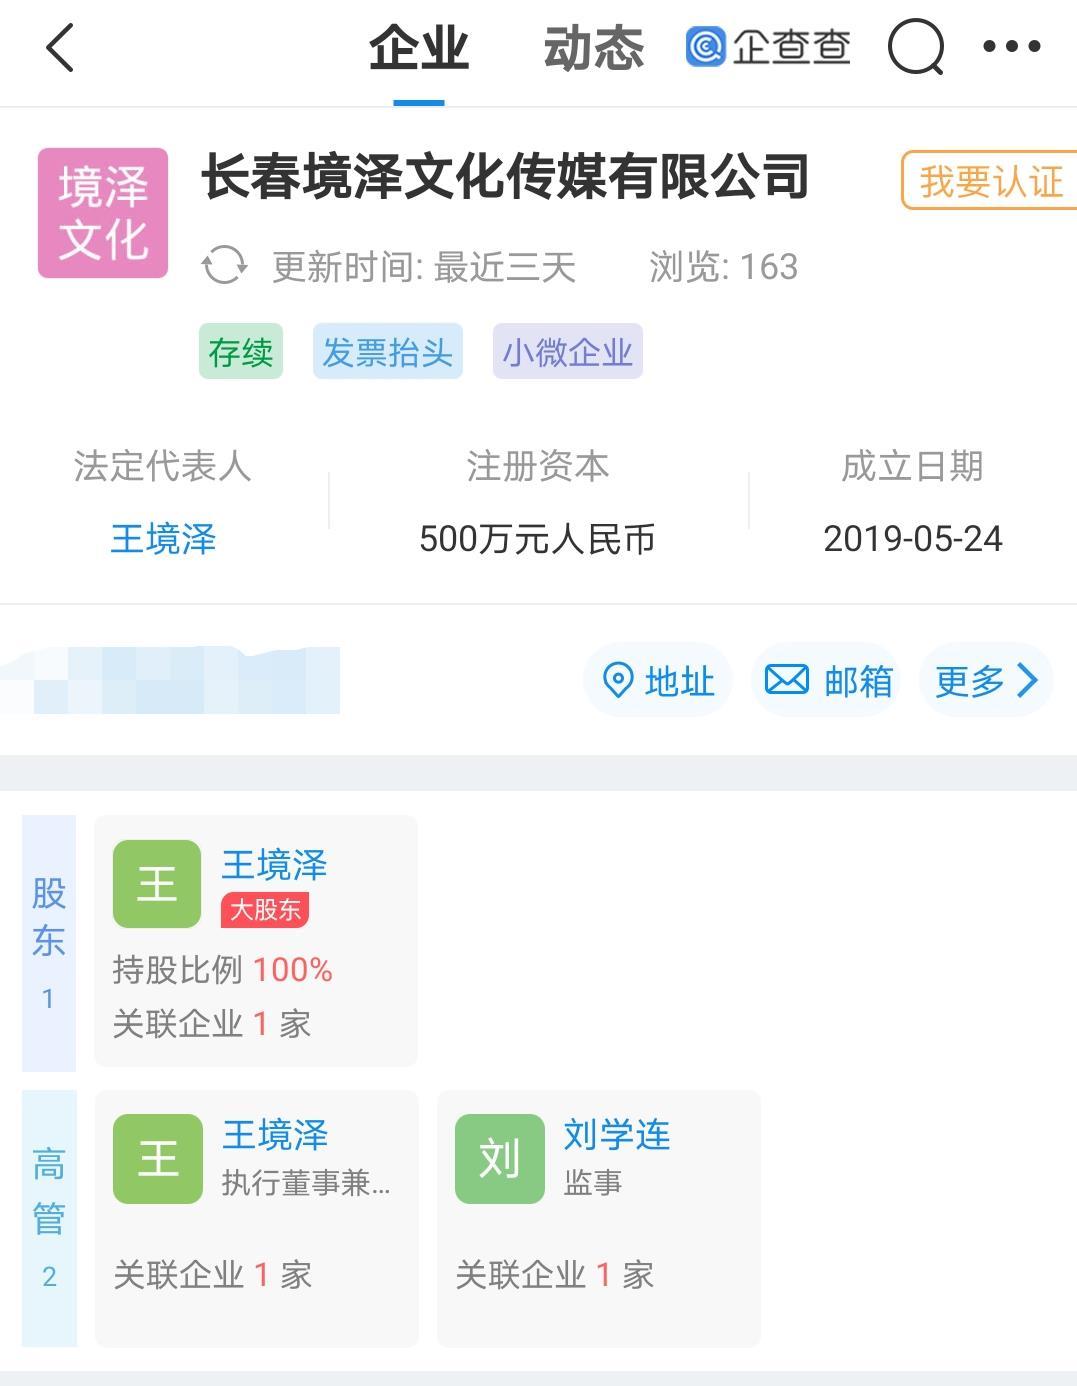 """""""真香哥""""王境泽已在长春成立文化传媒公司"""